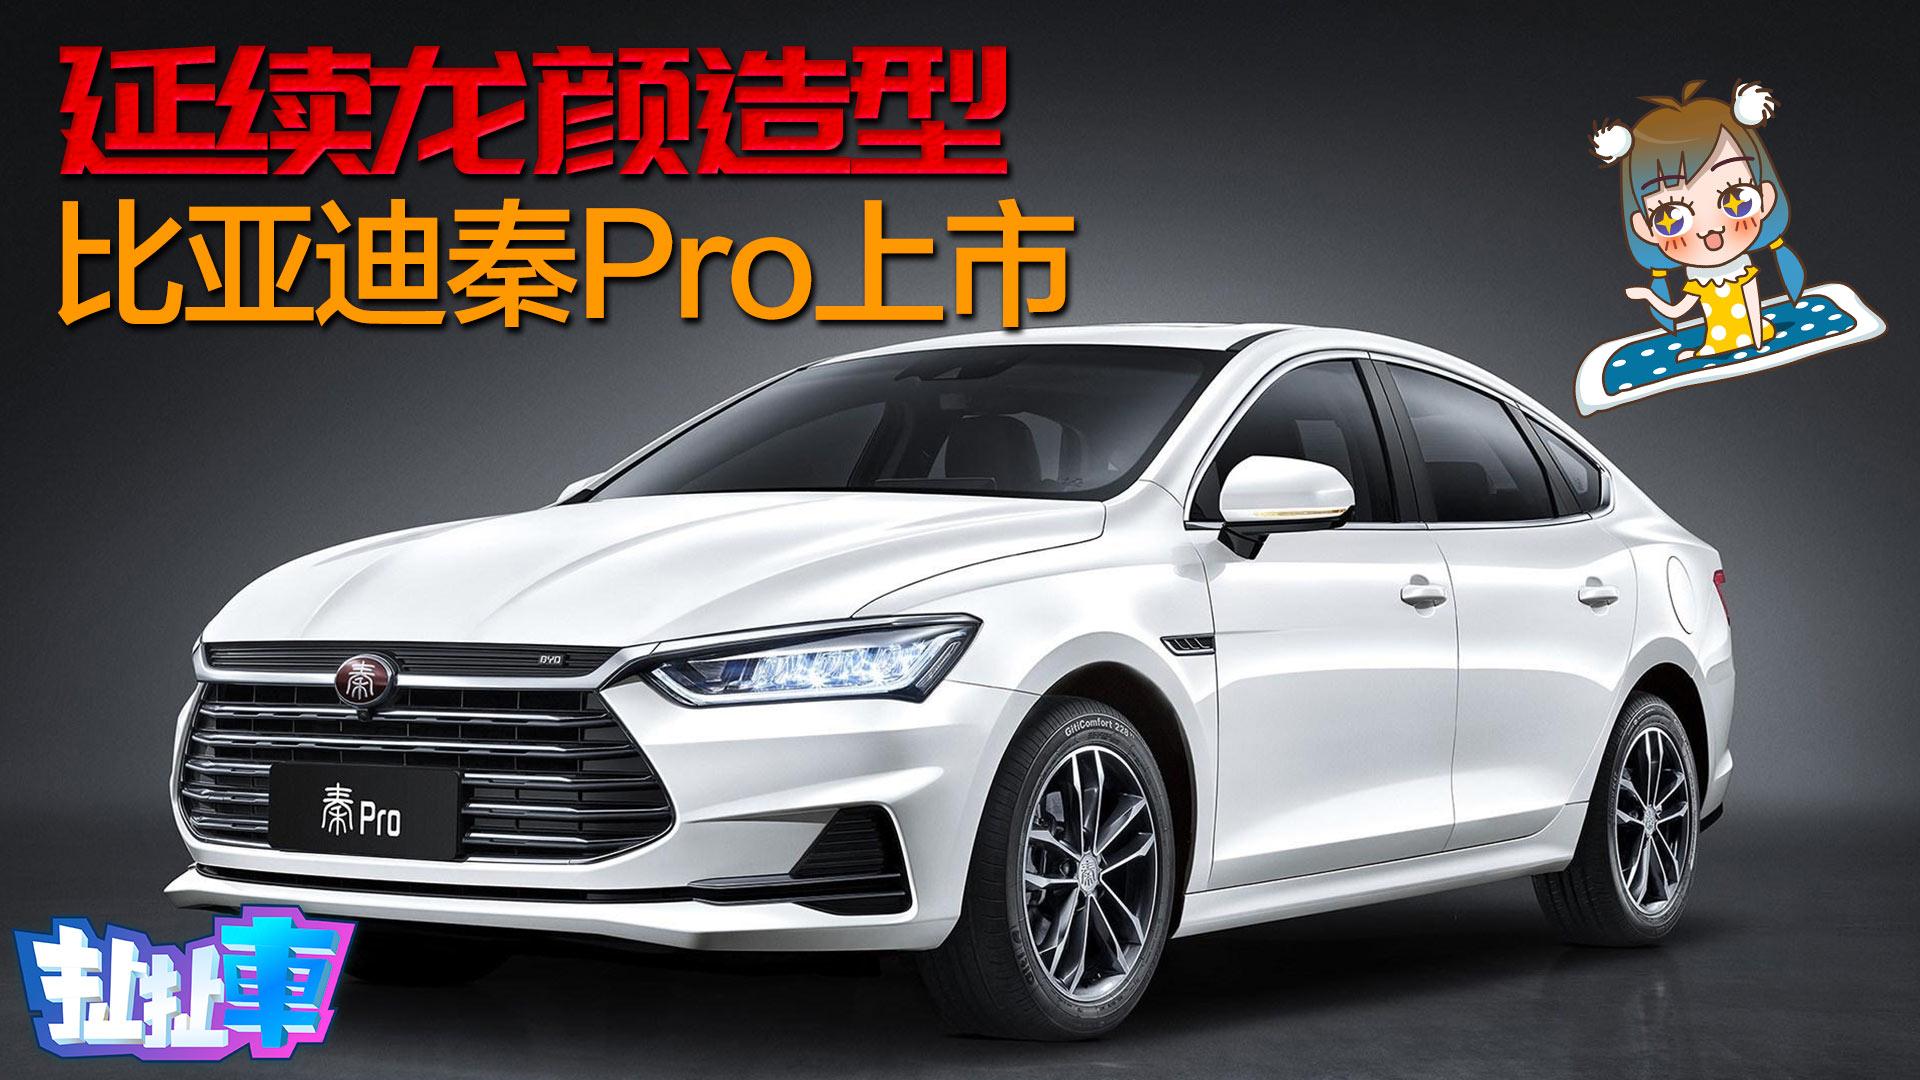 【扯扯车】燃油版不到8万起售 双模5.9s破百 比亚迪秦Pro上市